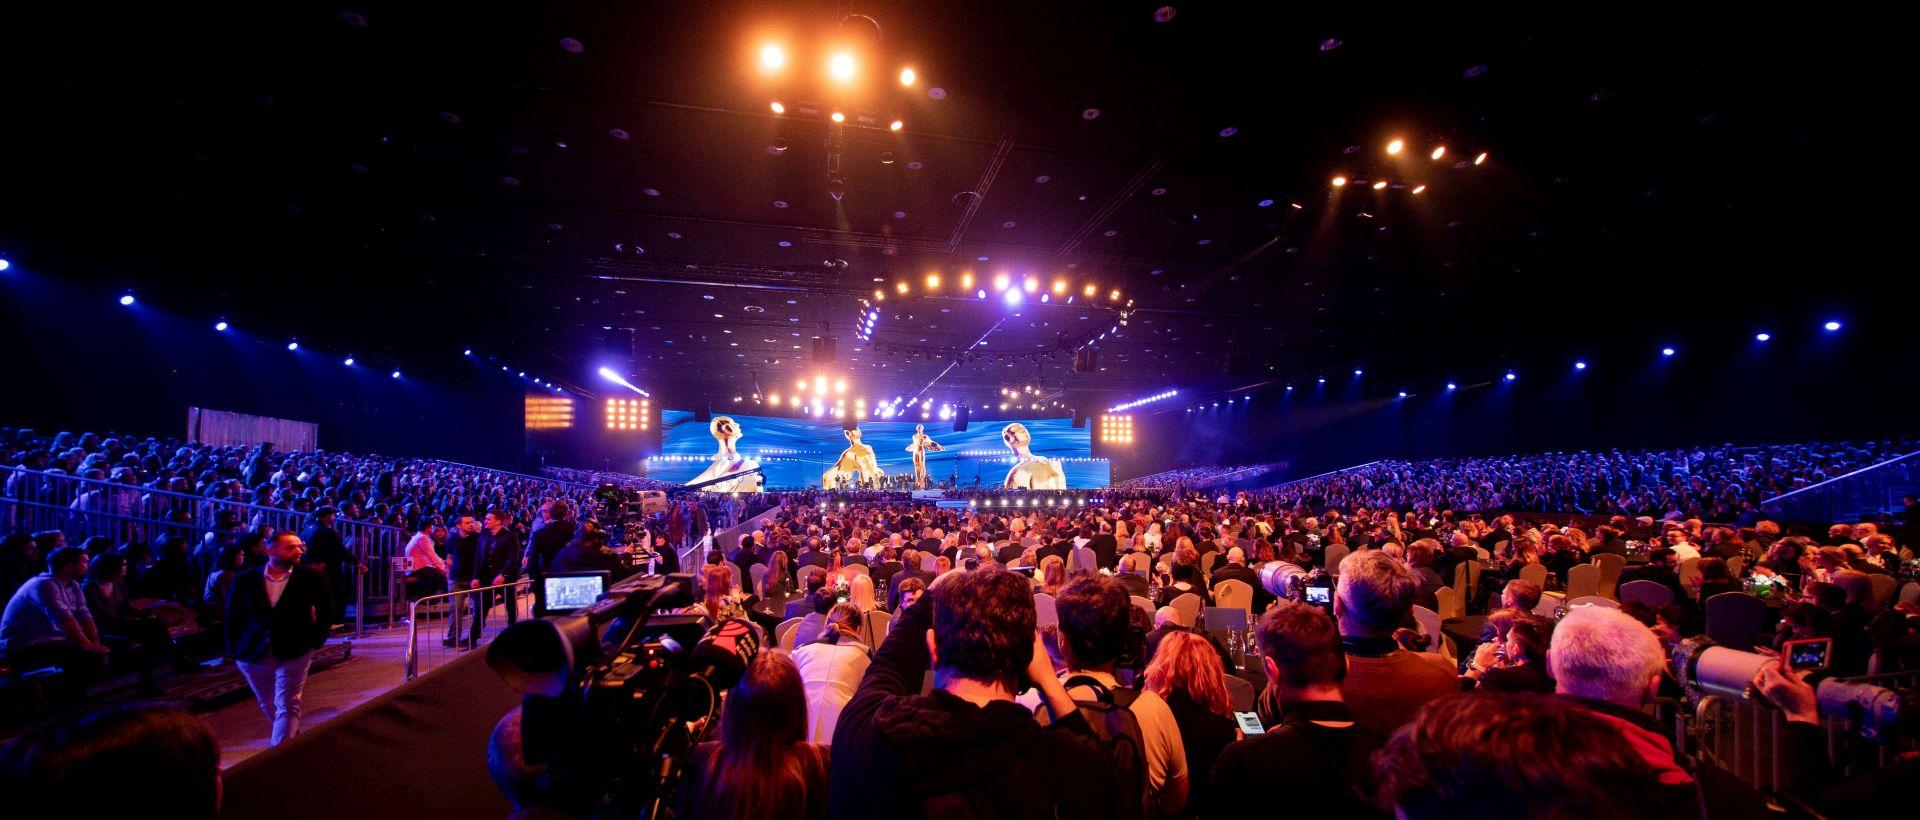 Co wydarzy się w Spodku i Międzynarodowym Centrum Kongresowym w Katowicach w 2020 roku? Ponad 550 imprez, blisko 1,3 mln. odwiedzających w 2019 r.